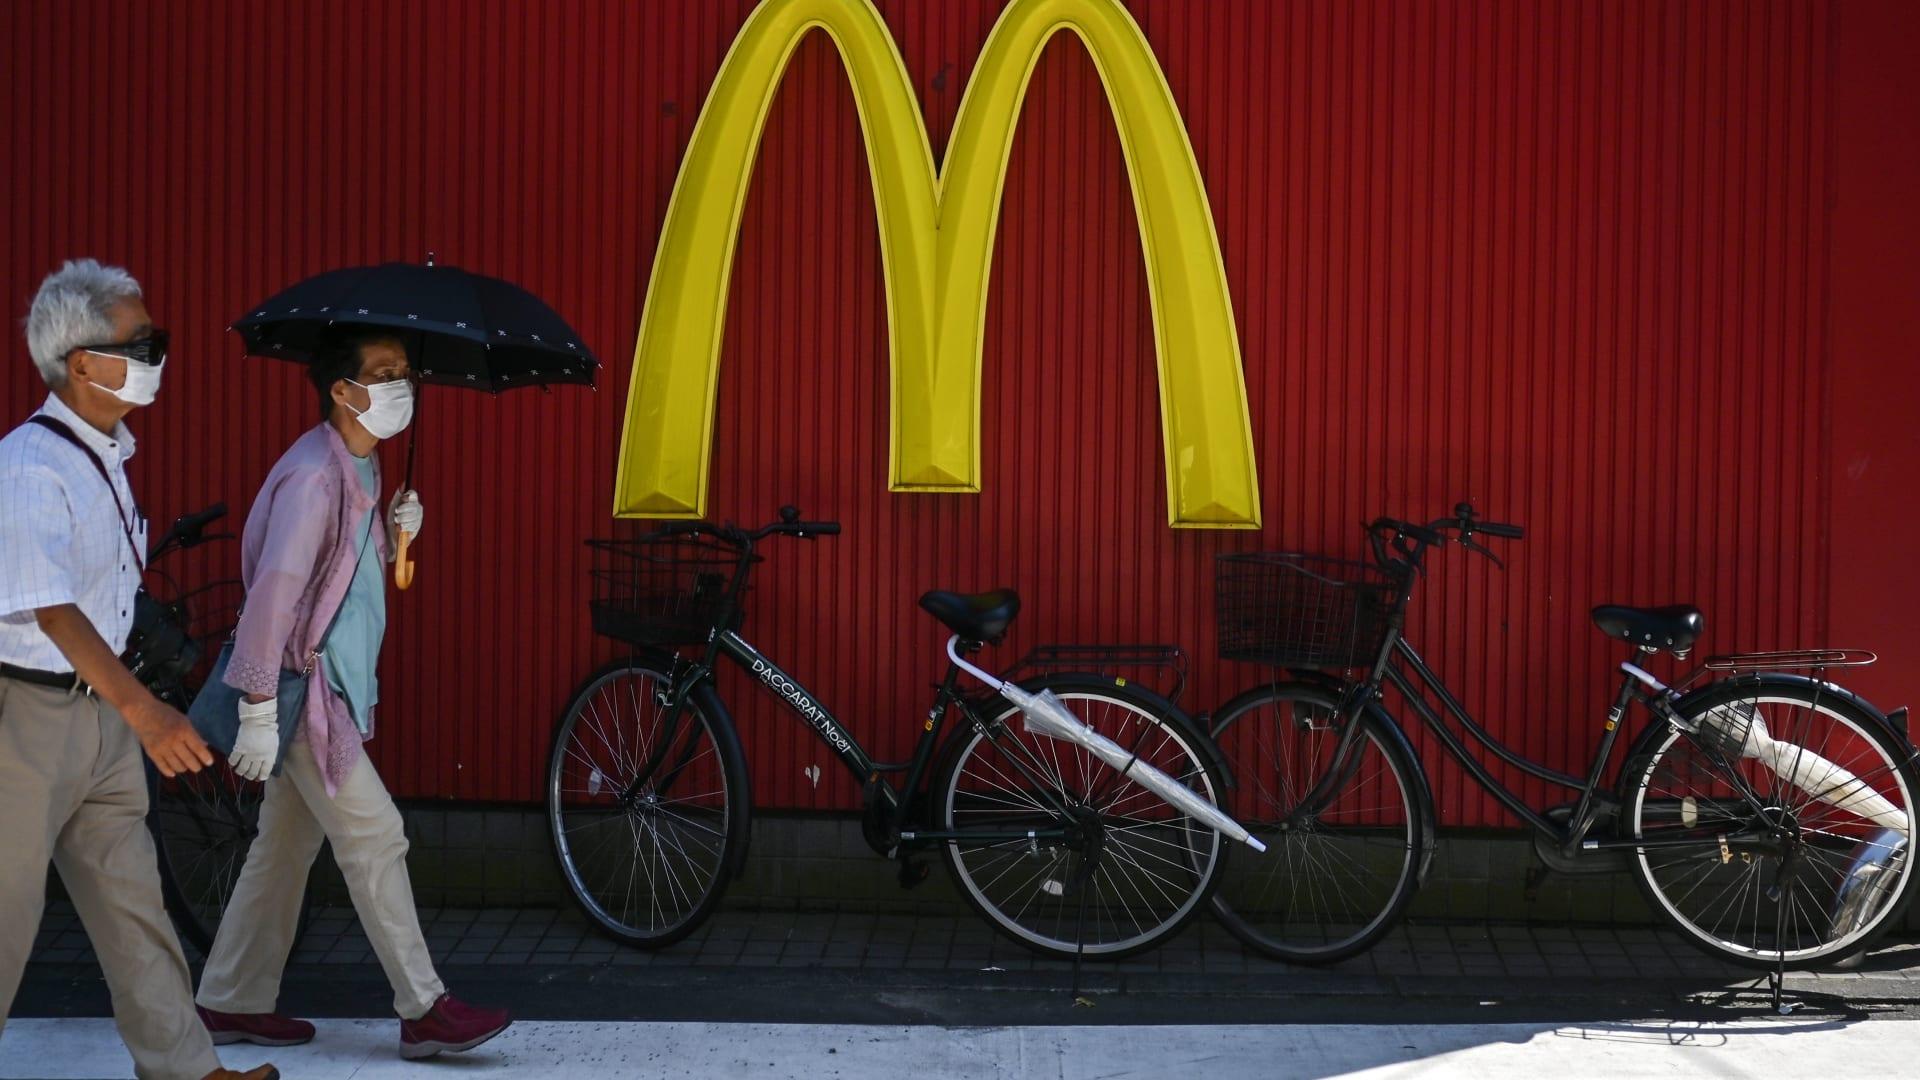 هل أنت من عشاقه؟ 5 معلومات قد لا تعرفها عن ماكدونالدز